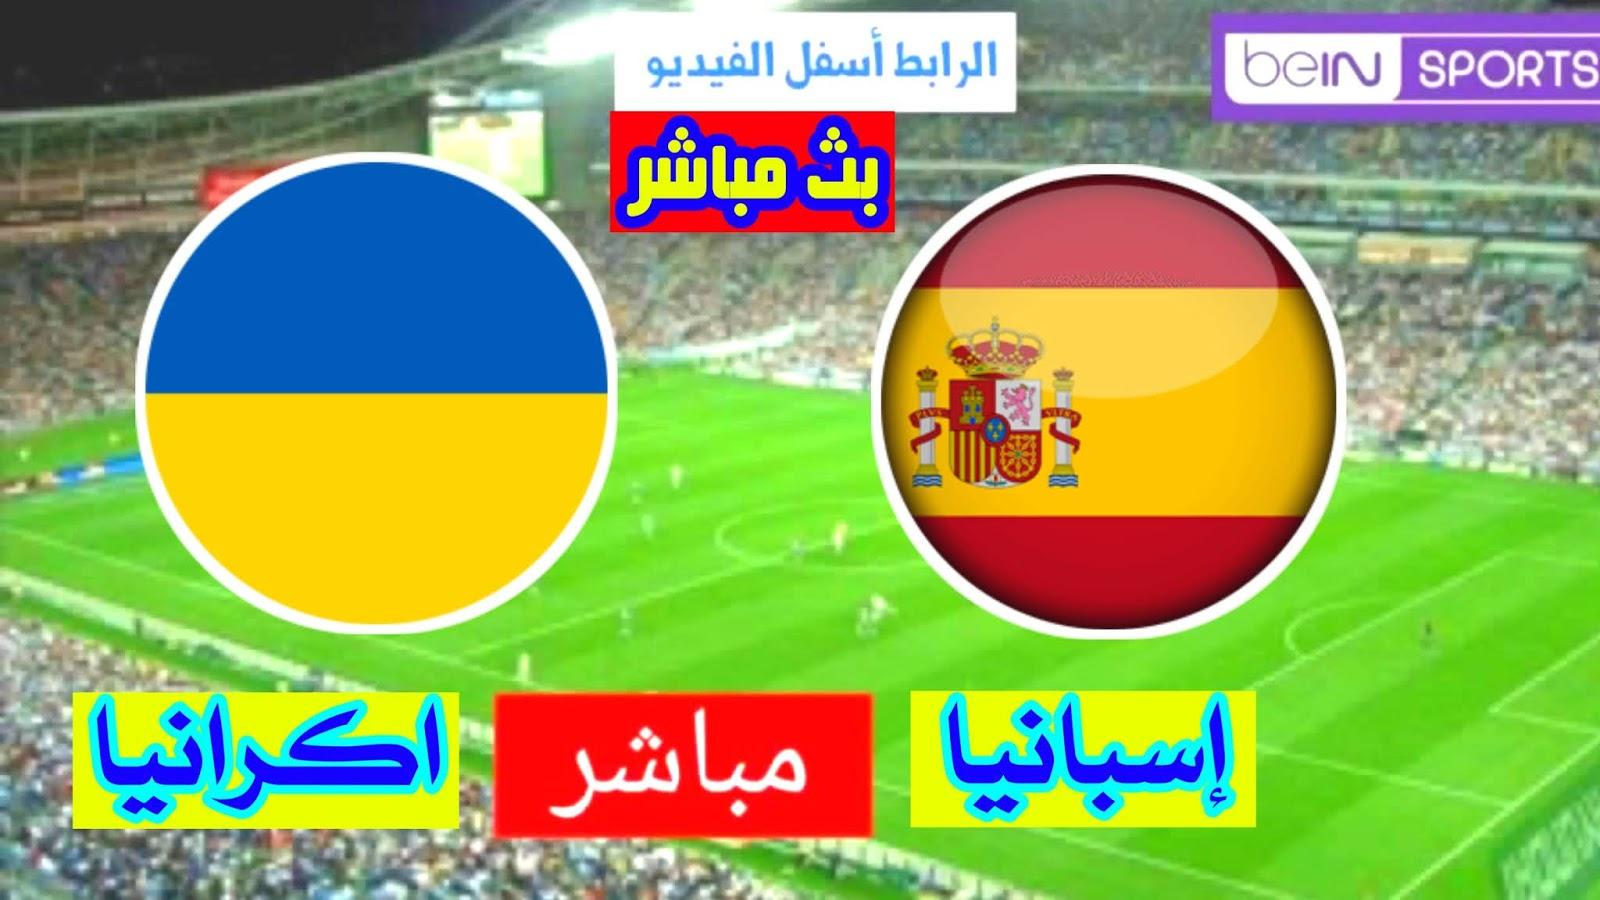 مشاهدة مباراة اسبانيا واوكرانيا بث مباشر اليوم لايف كورة ستار 13-10-2020 في دوري الأمم الأوروبية